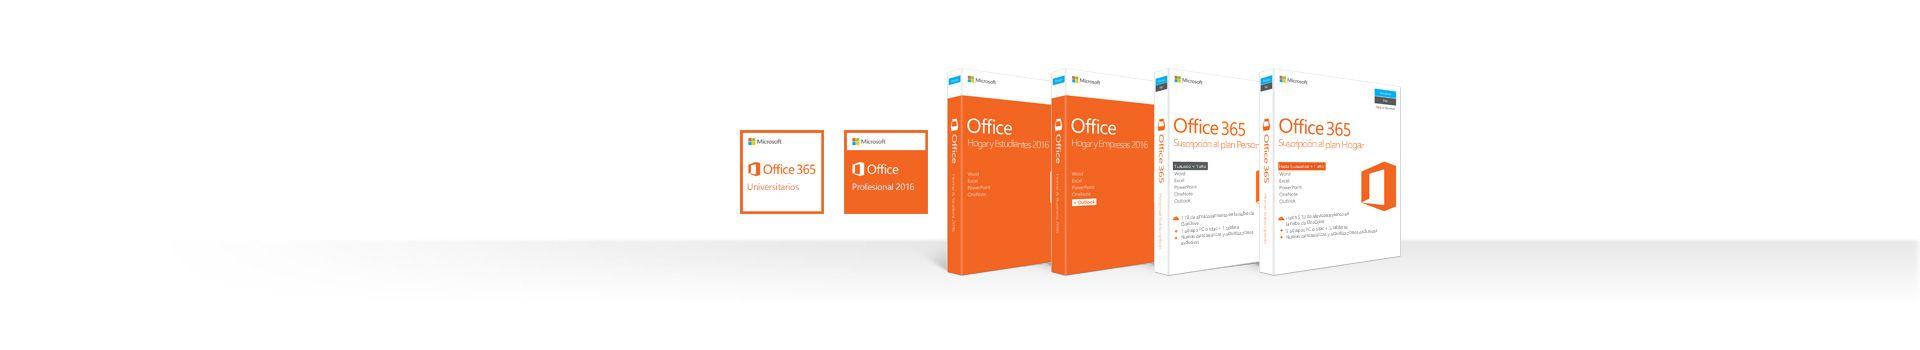 Una fila de cajas de productos de Office 2016 y Office 365 para PC